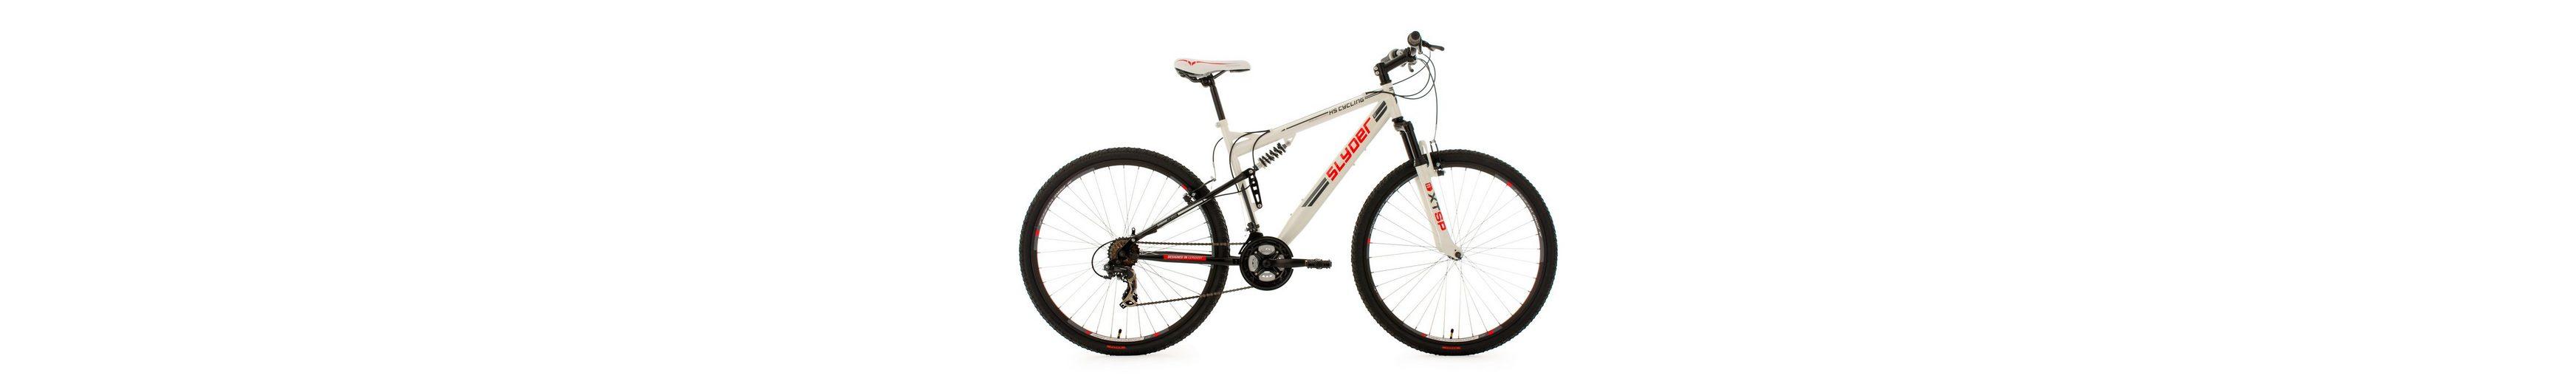 KS Cycling Fully-Mountainbike, 29 Zoll, weiß, 21 Gang-Kettenschaltung, »Slyder«